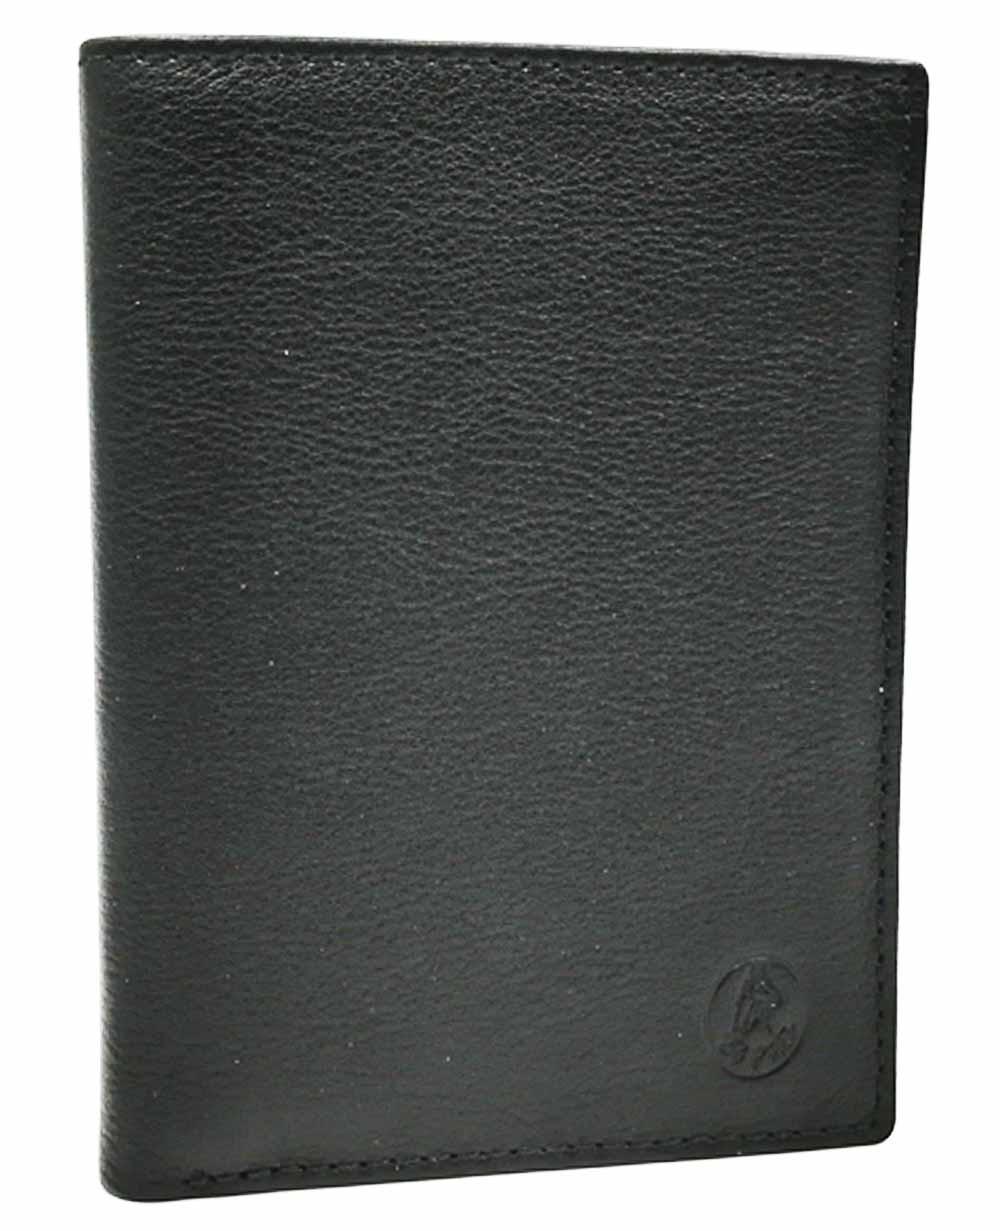 El Potro Billetero de Piel Negro (Foto )